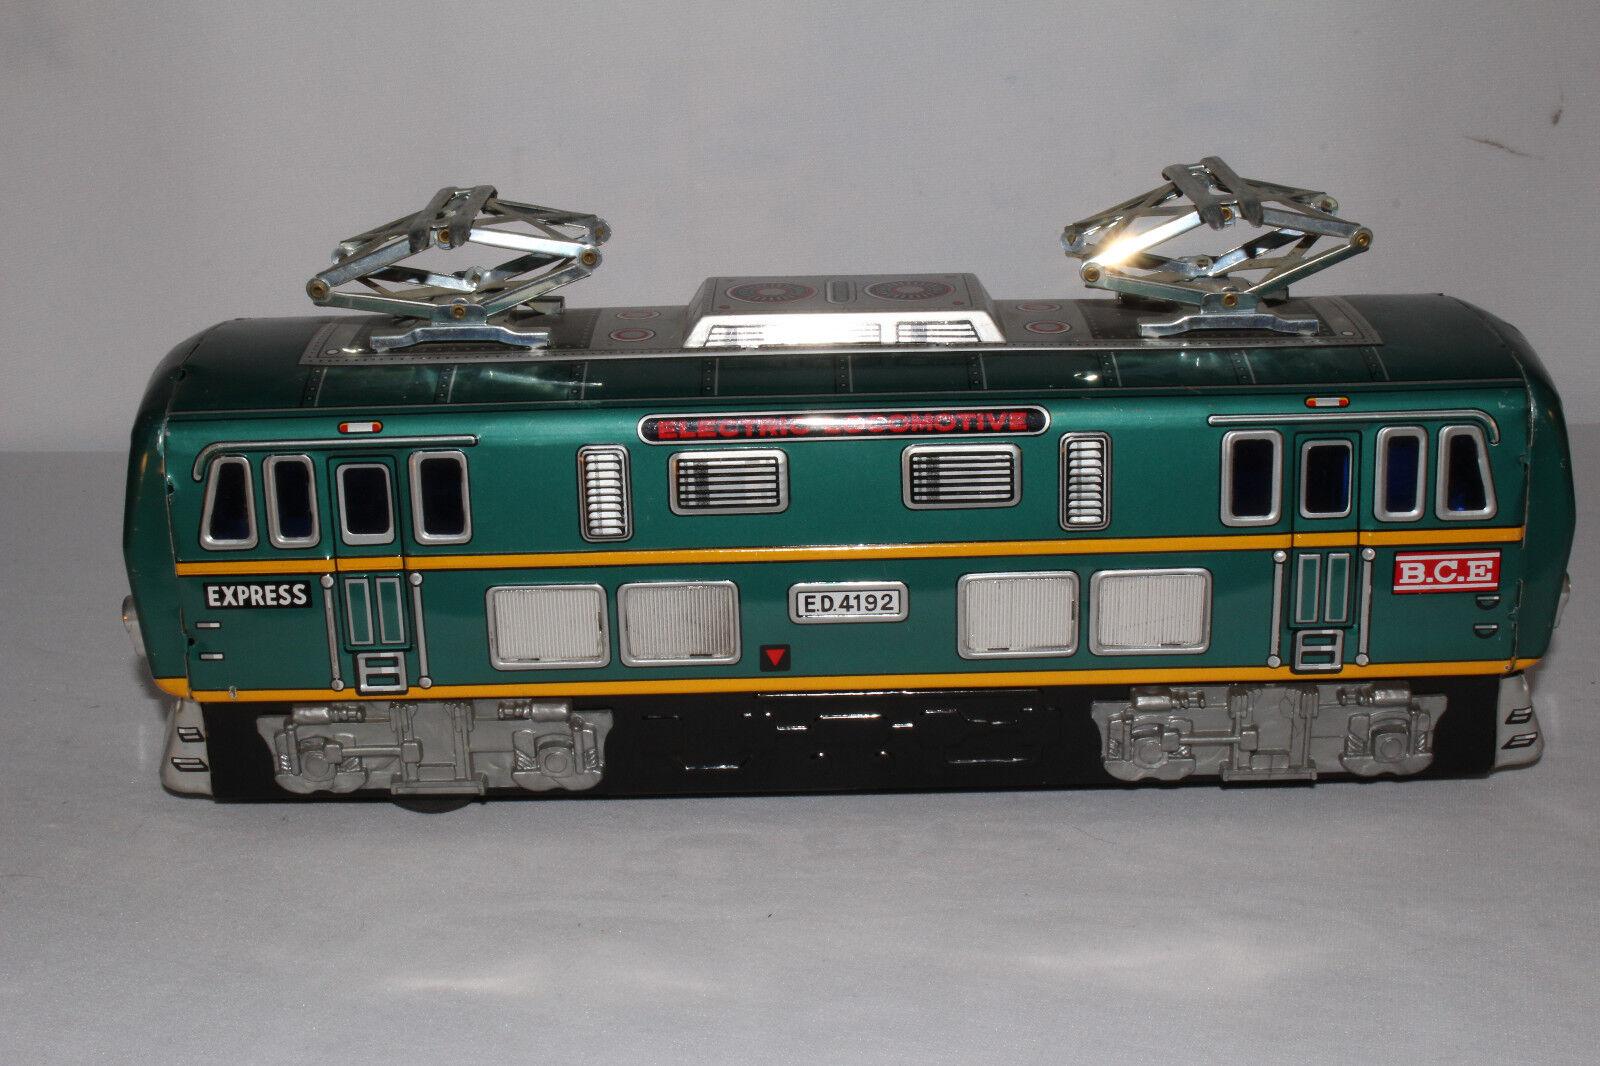 594ms Hergestellt in Japan Groß Batteriebetrieben B. C.E.Express Zug Motor